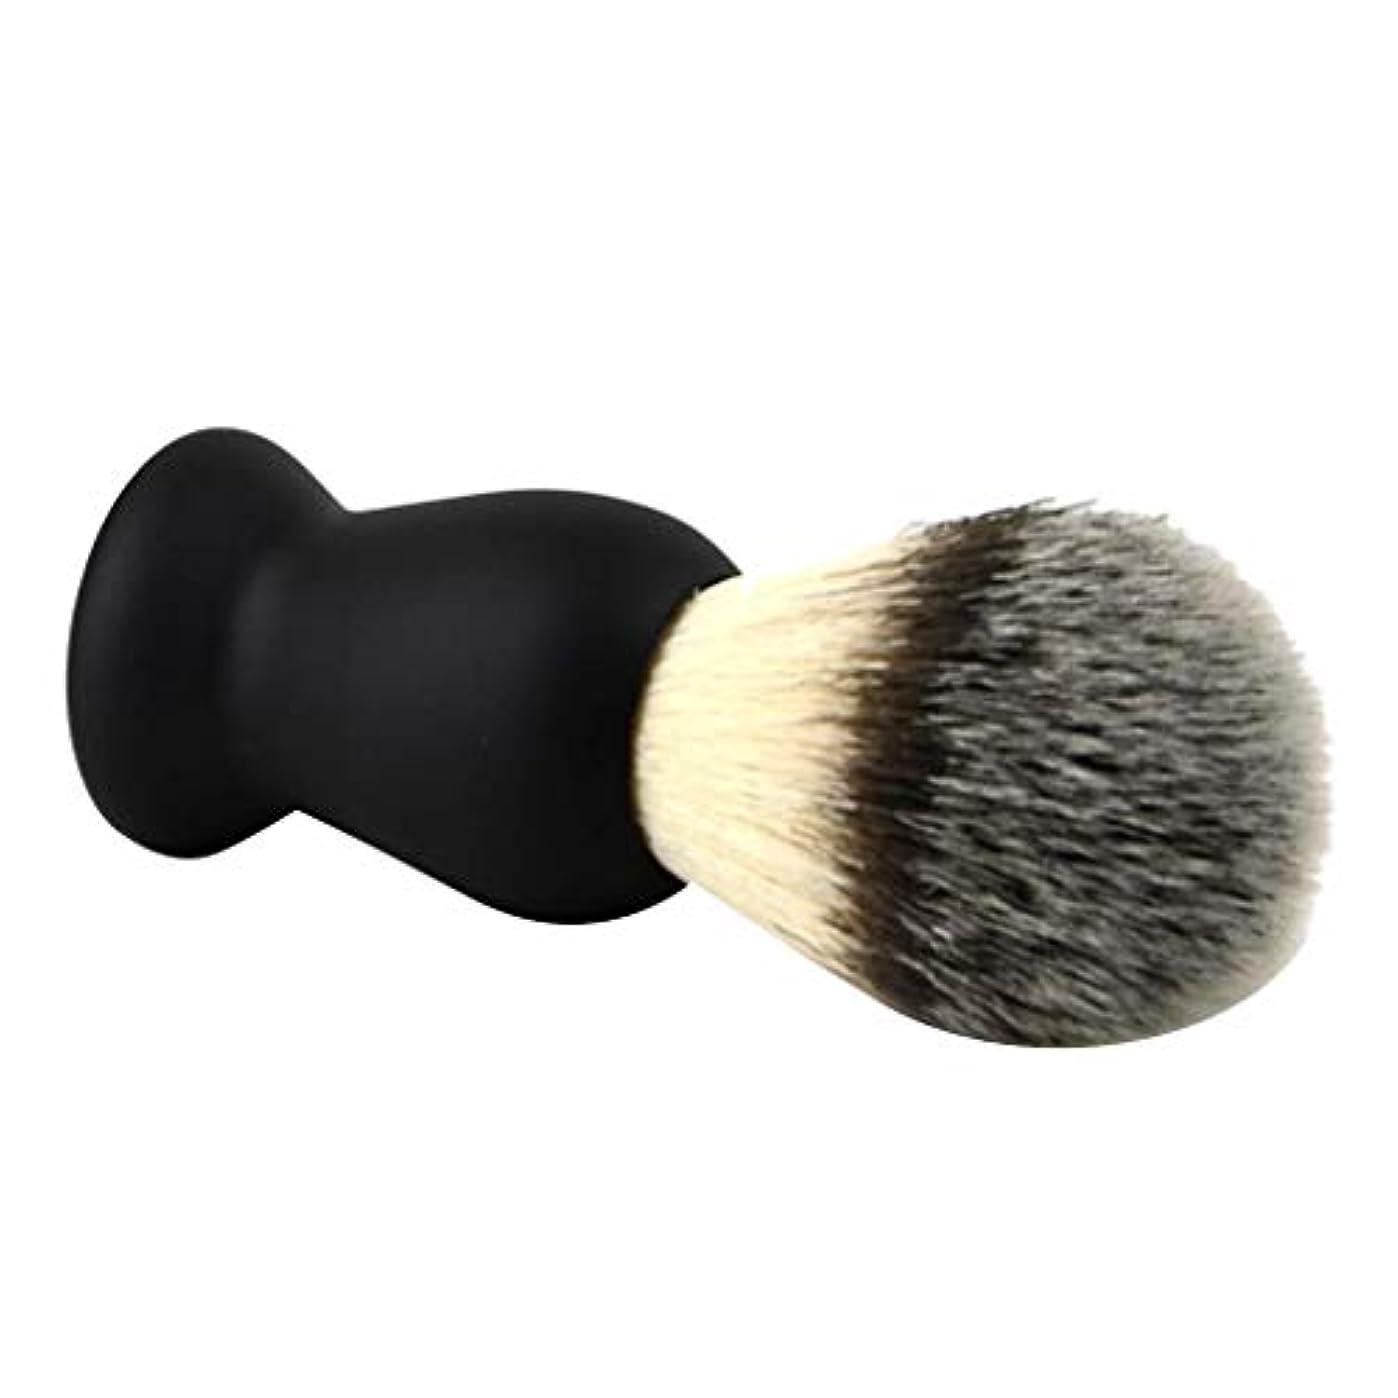 請願者あからさま鋭くchiwanji シェービングブラシ メンズ ひげブラシ 剃毛ブラシ ABSハンドル+ナイロン 泡立て 散髪整理